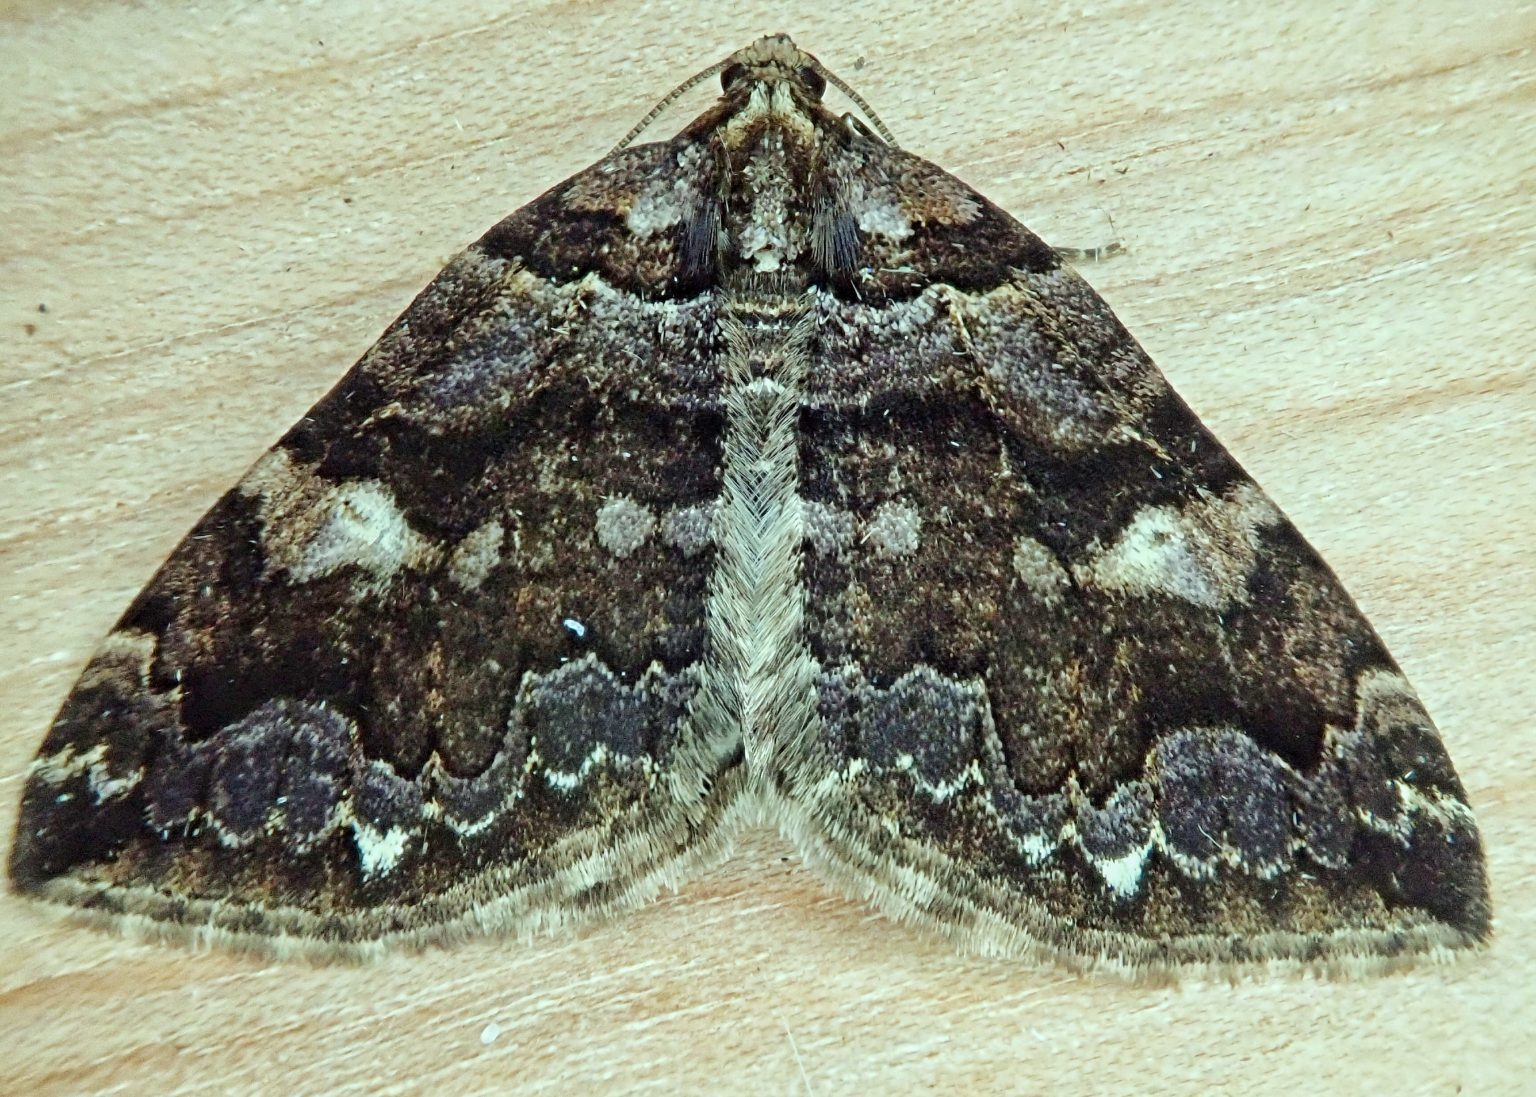 Anticlea vasiliata (Variable Carpet Moth)